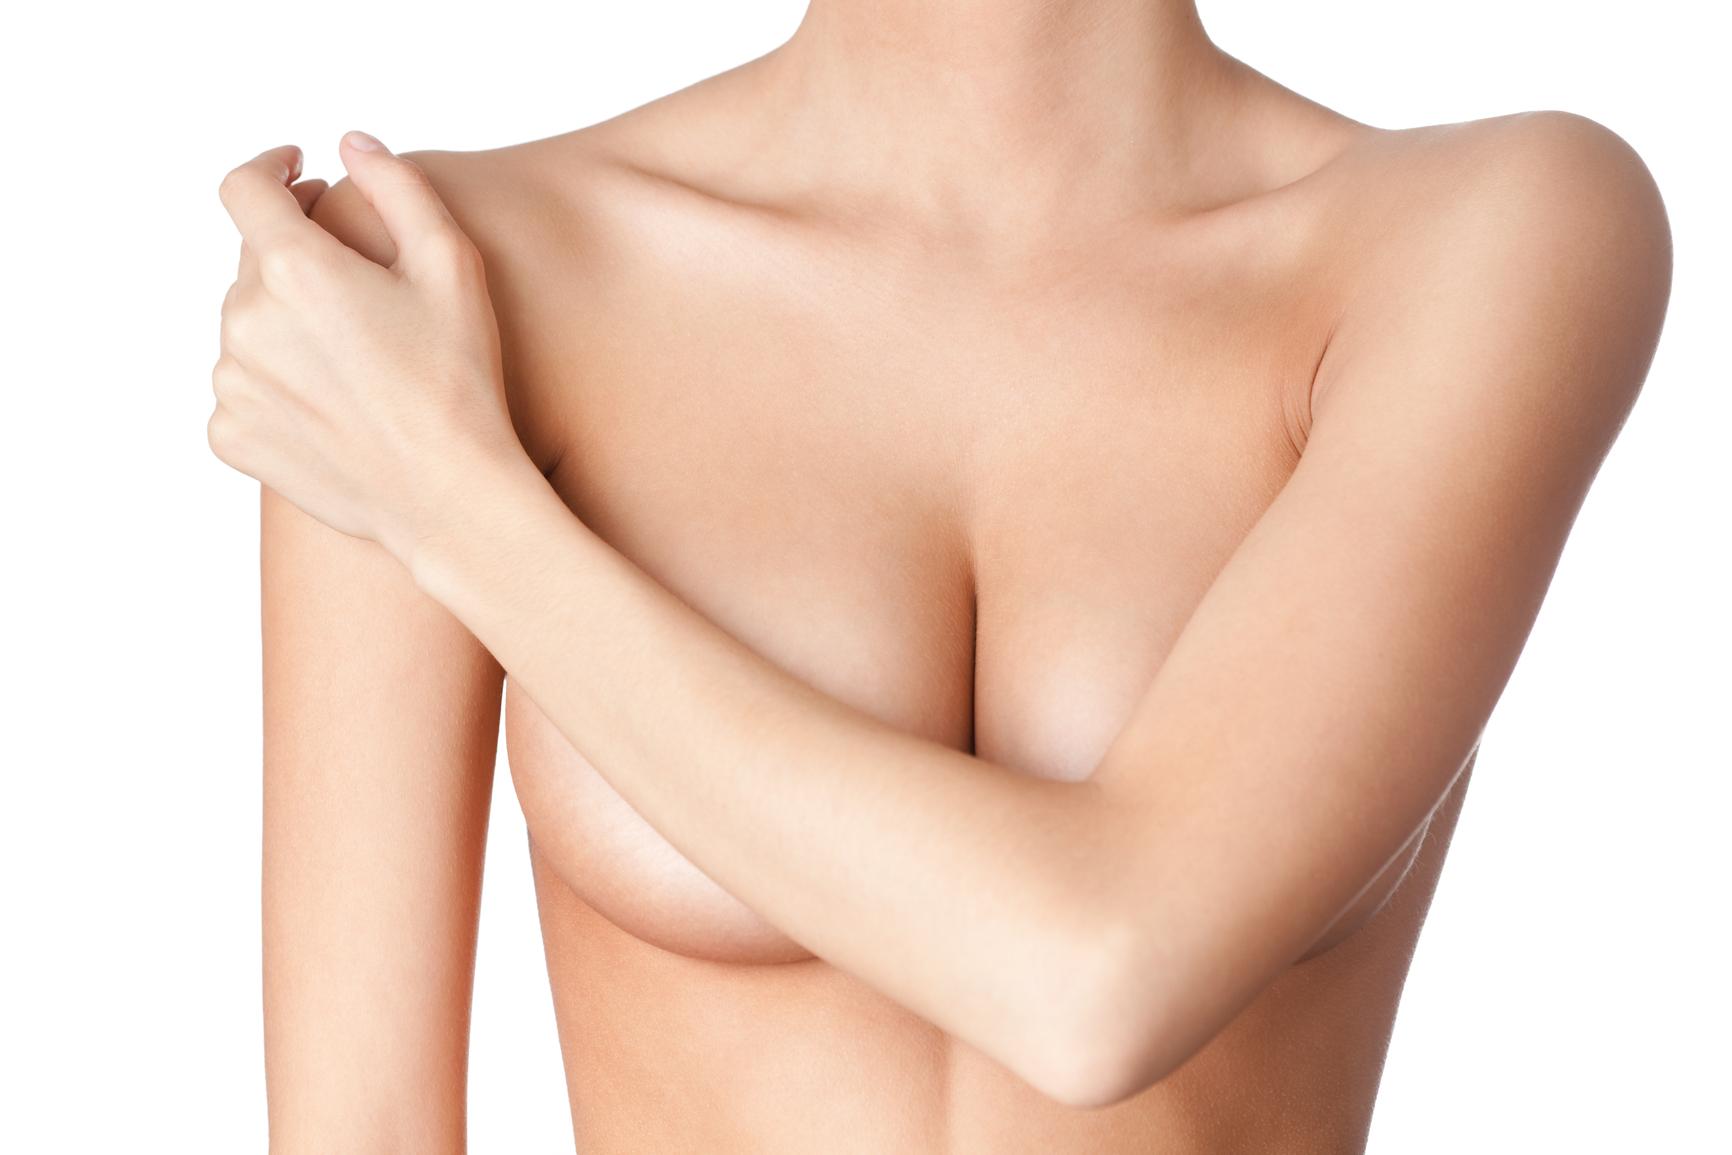 Фото грудь пронизывающими венами 10 фотография